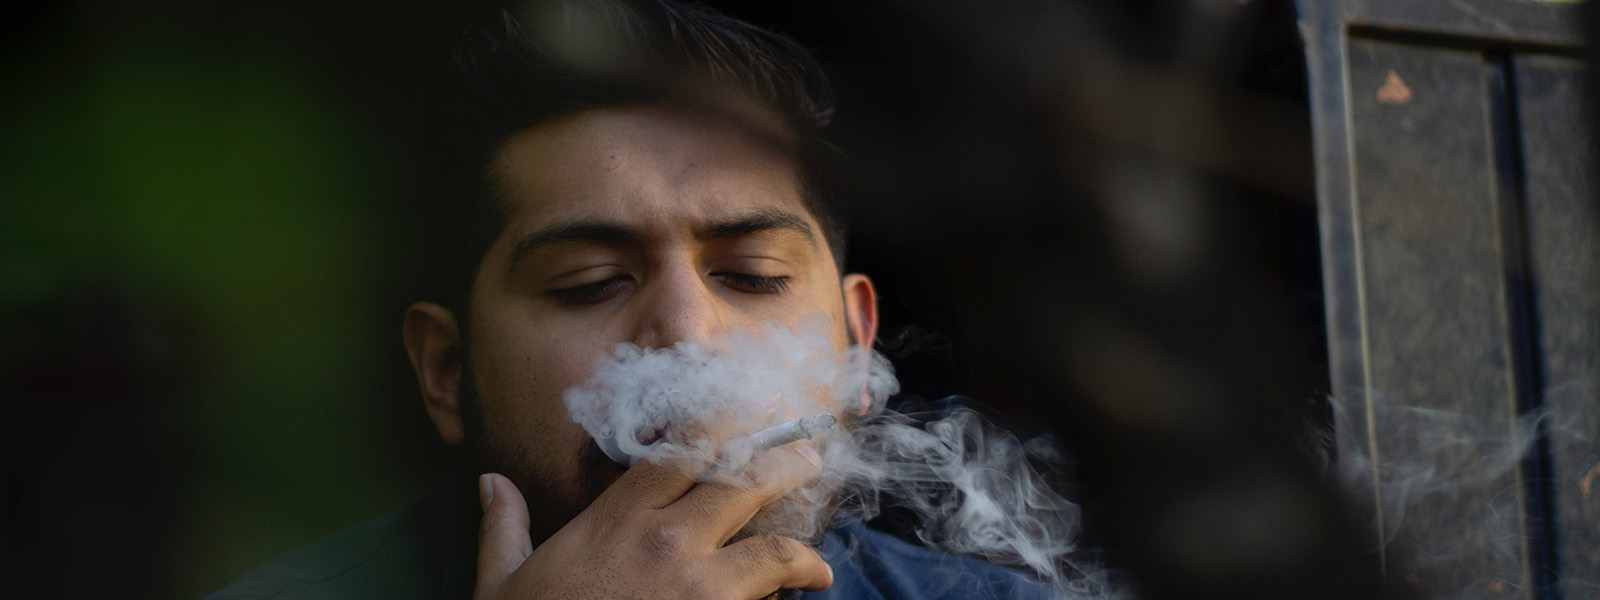 Il fumo fa cadere i capelli? Caduta dei Capelli e Fumo ...